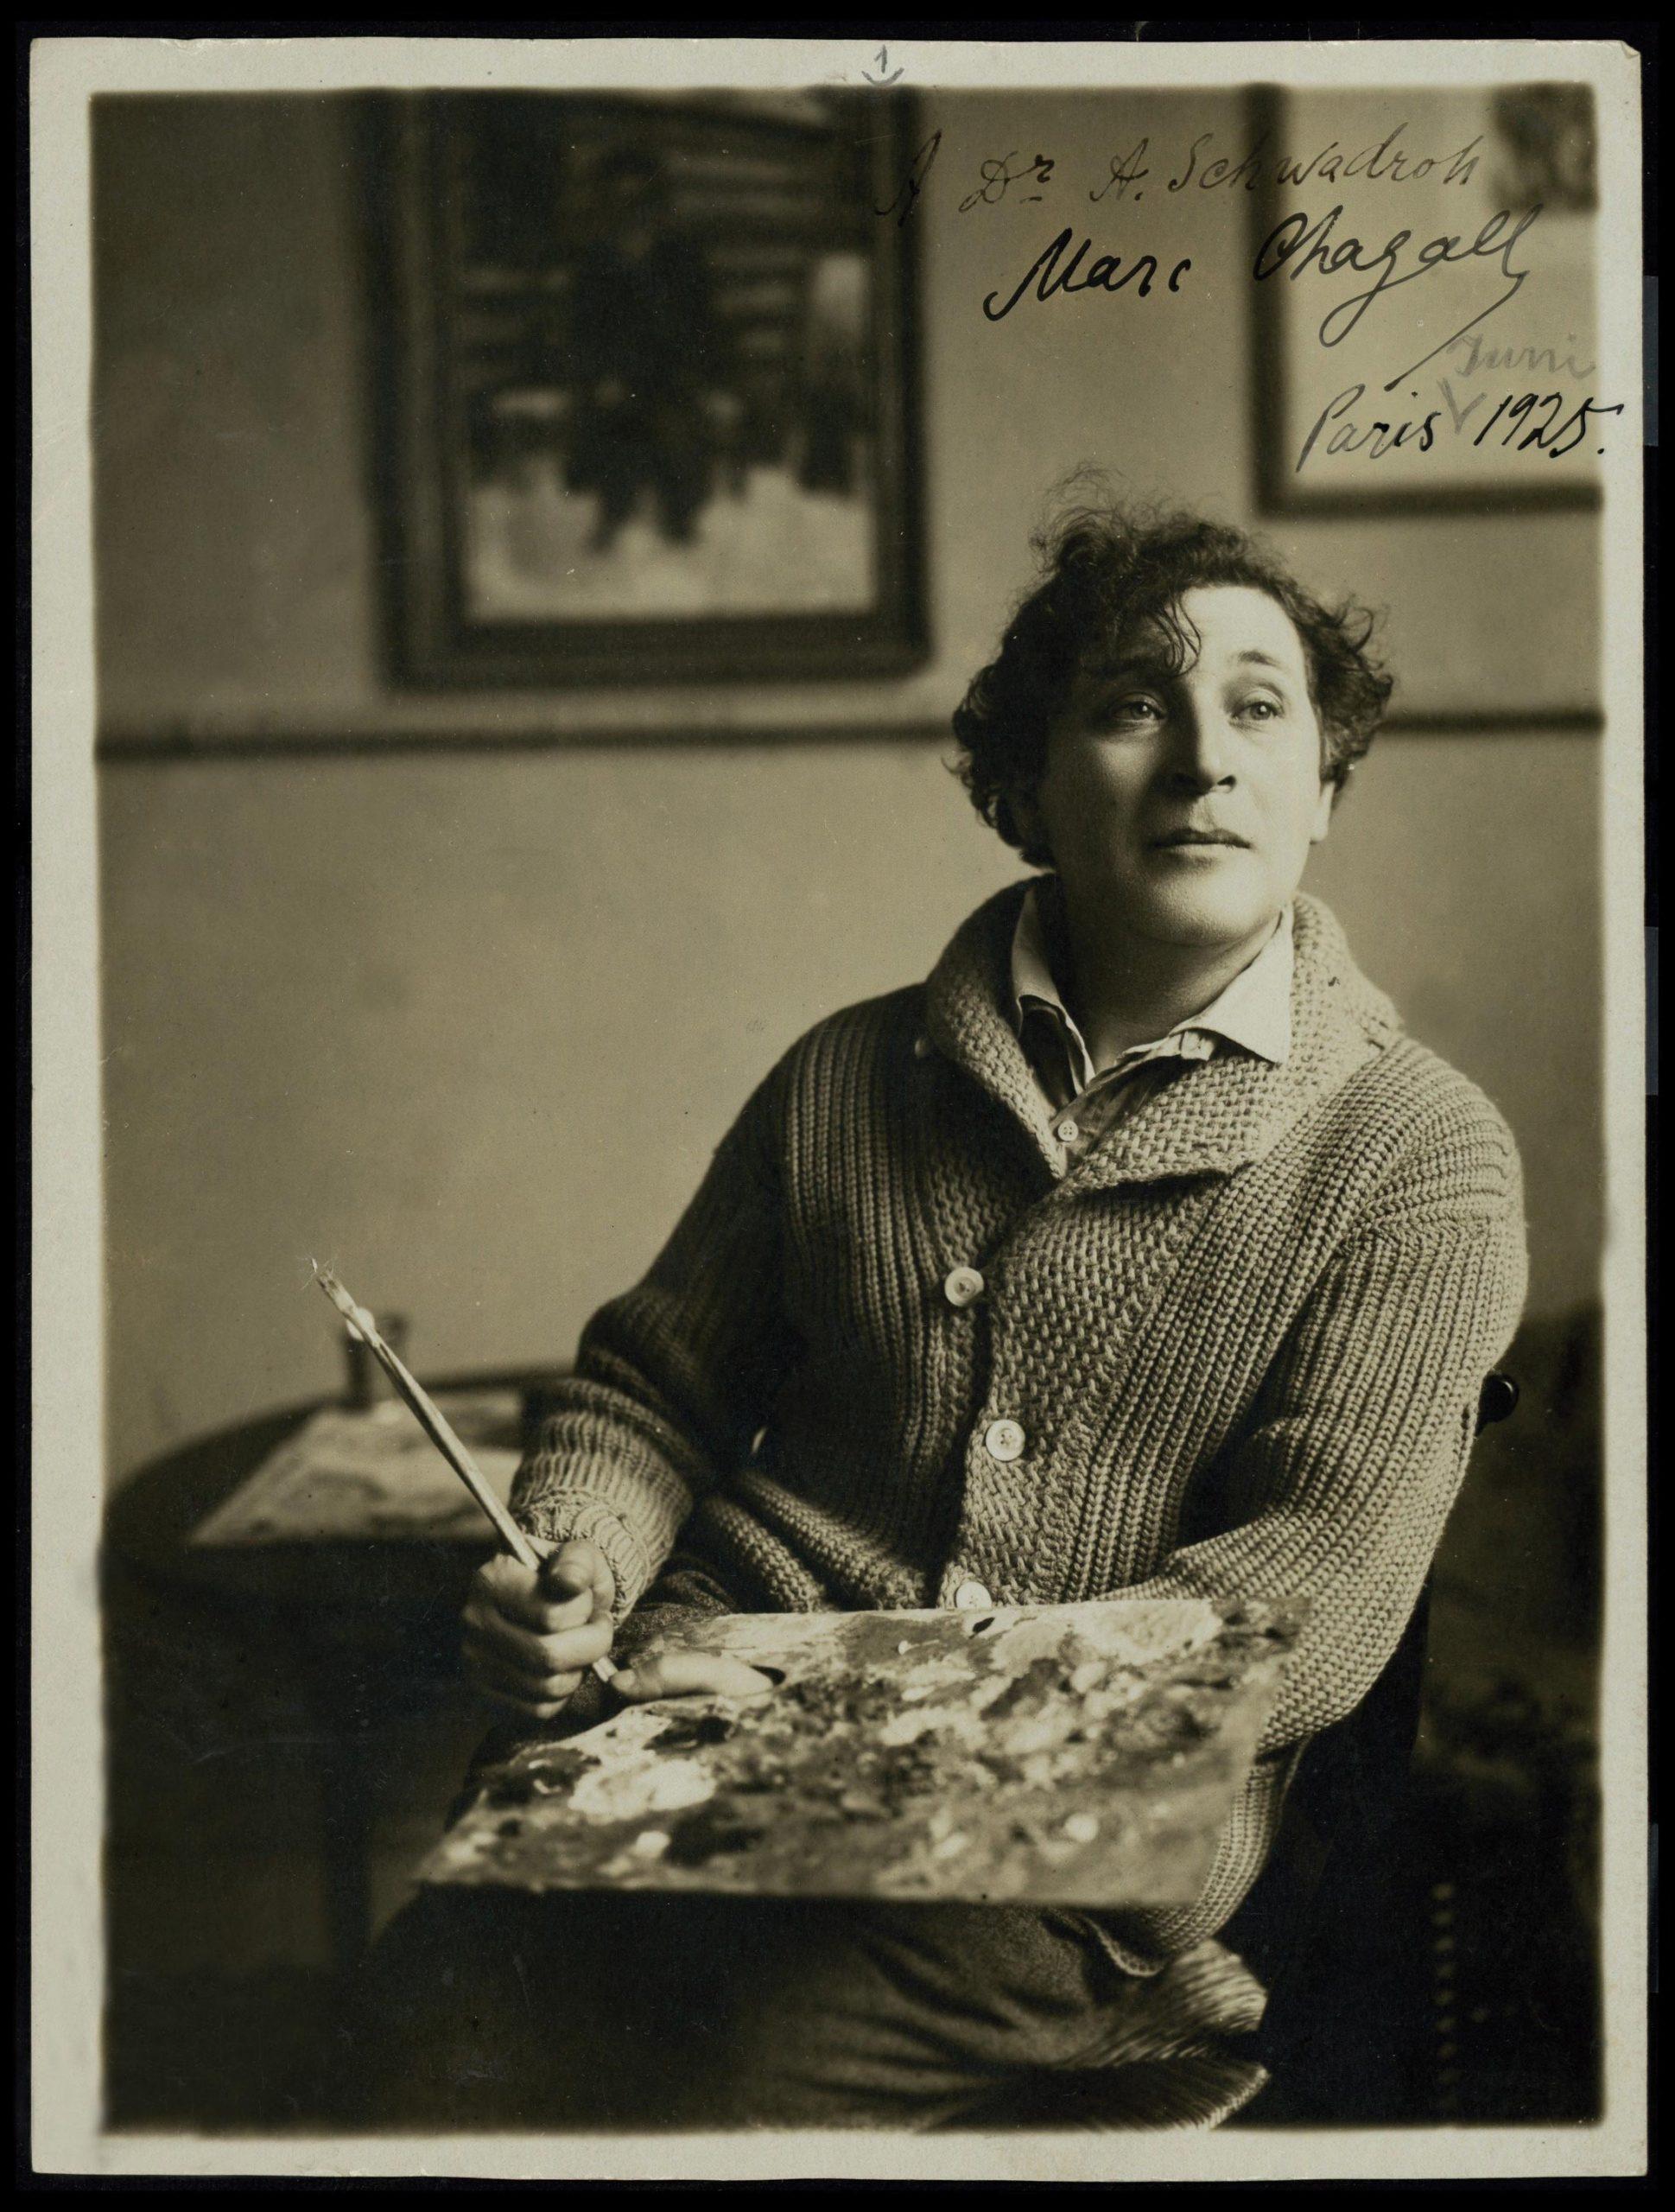 נמשך לסוריאליזם הפריזאי ולחיי האמנות והתרבות העשירים של עיר האורות. מארק שאגאל הצעיר יוצר בפריז באדיבות הספרייה הלאומית